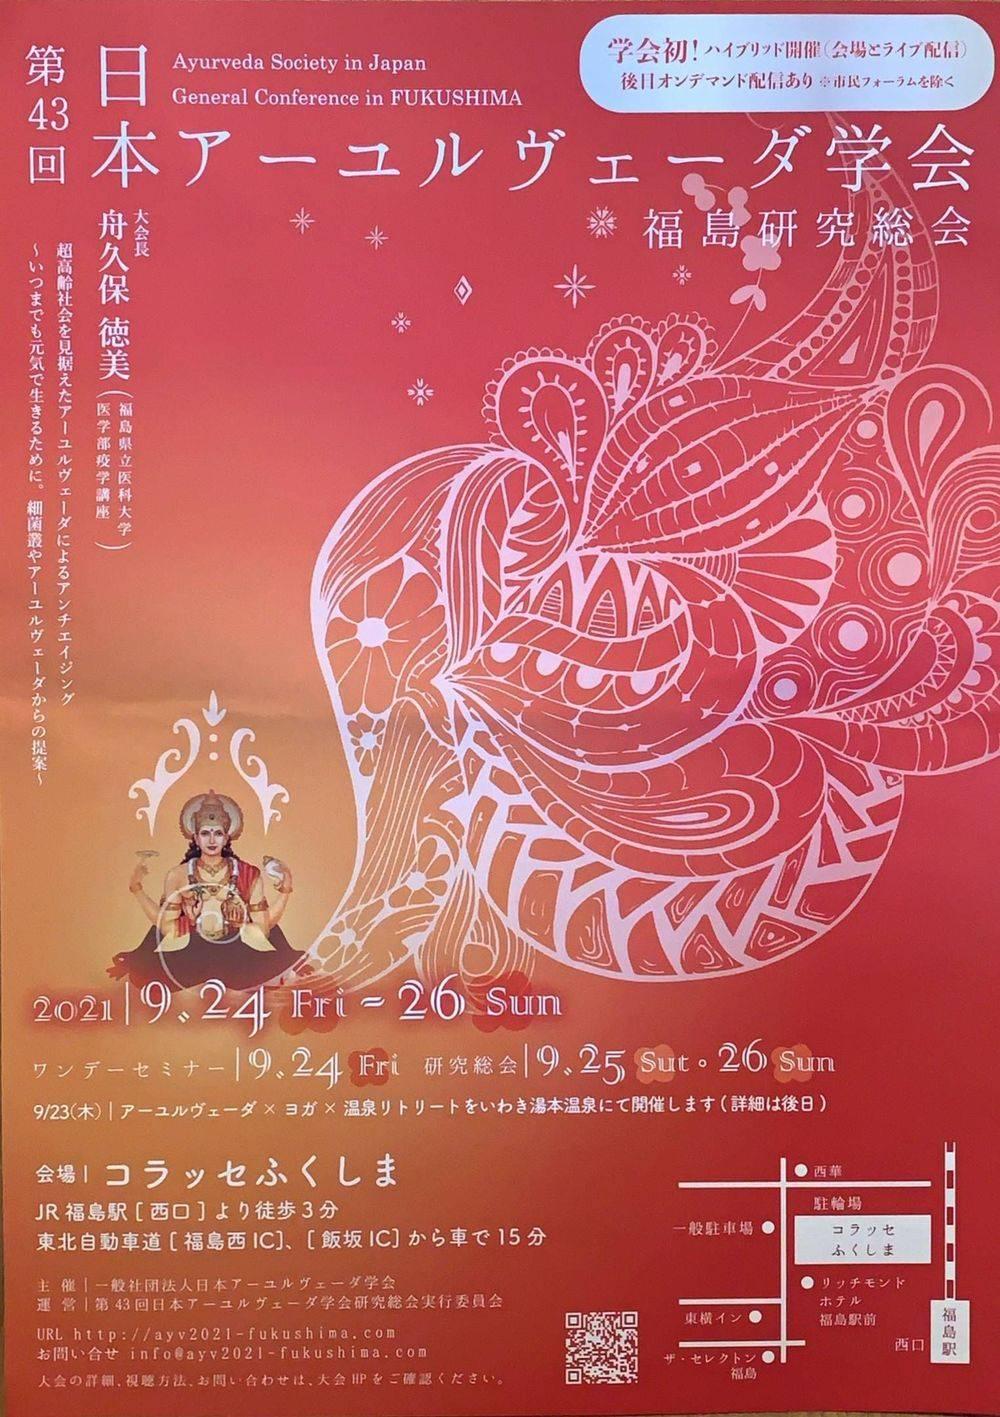 Ayurveda Society in Japan